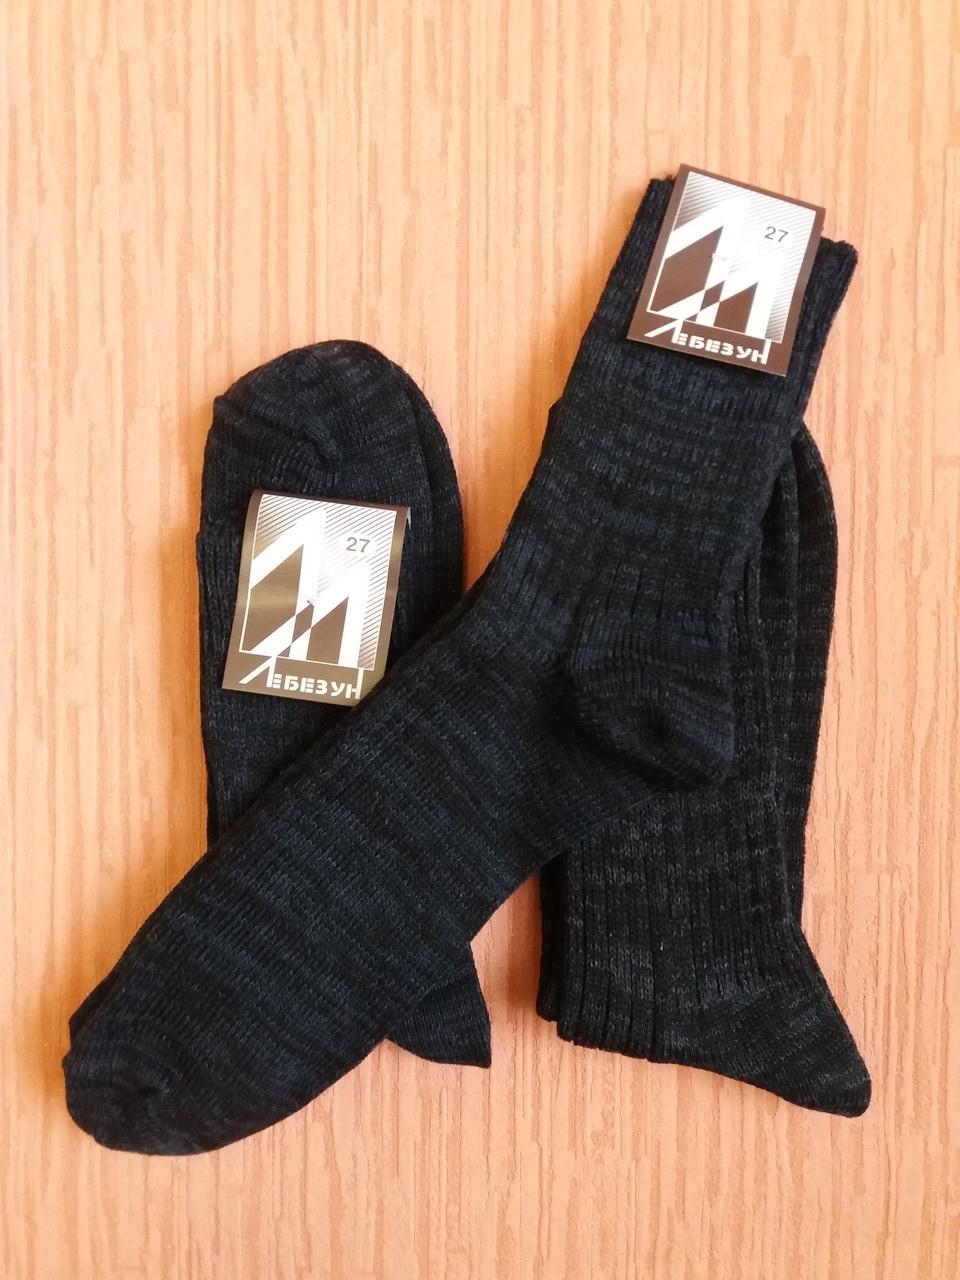 Носки мужские тёплые вязанные р-р 27,Червоноград. От 10 пар по 9грн